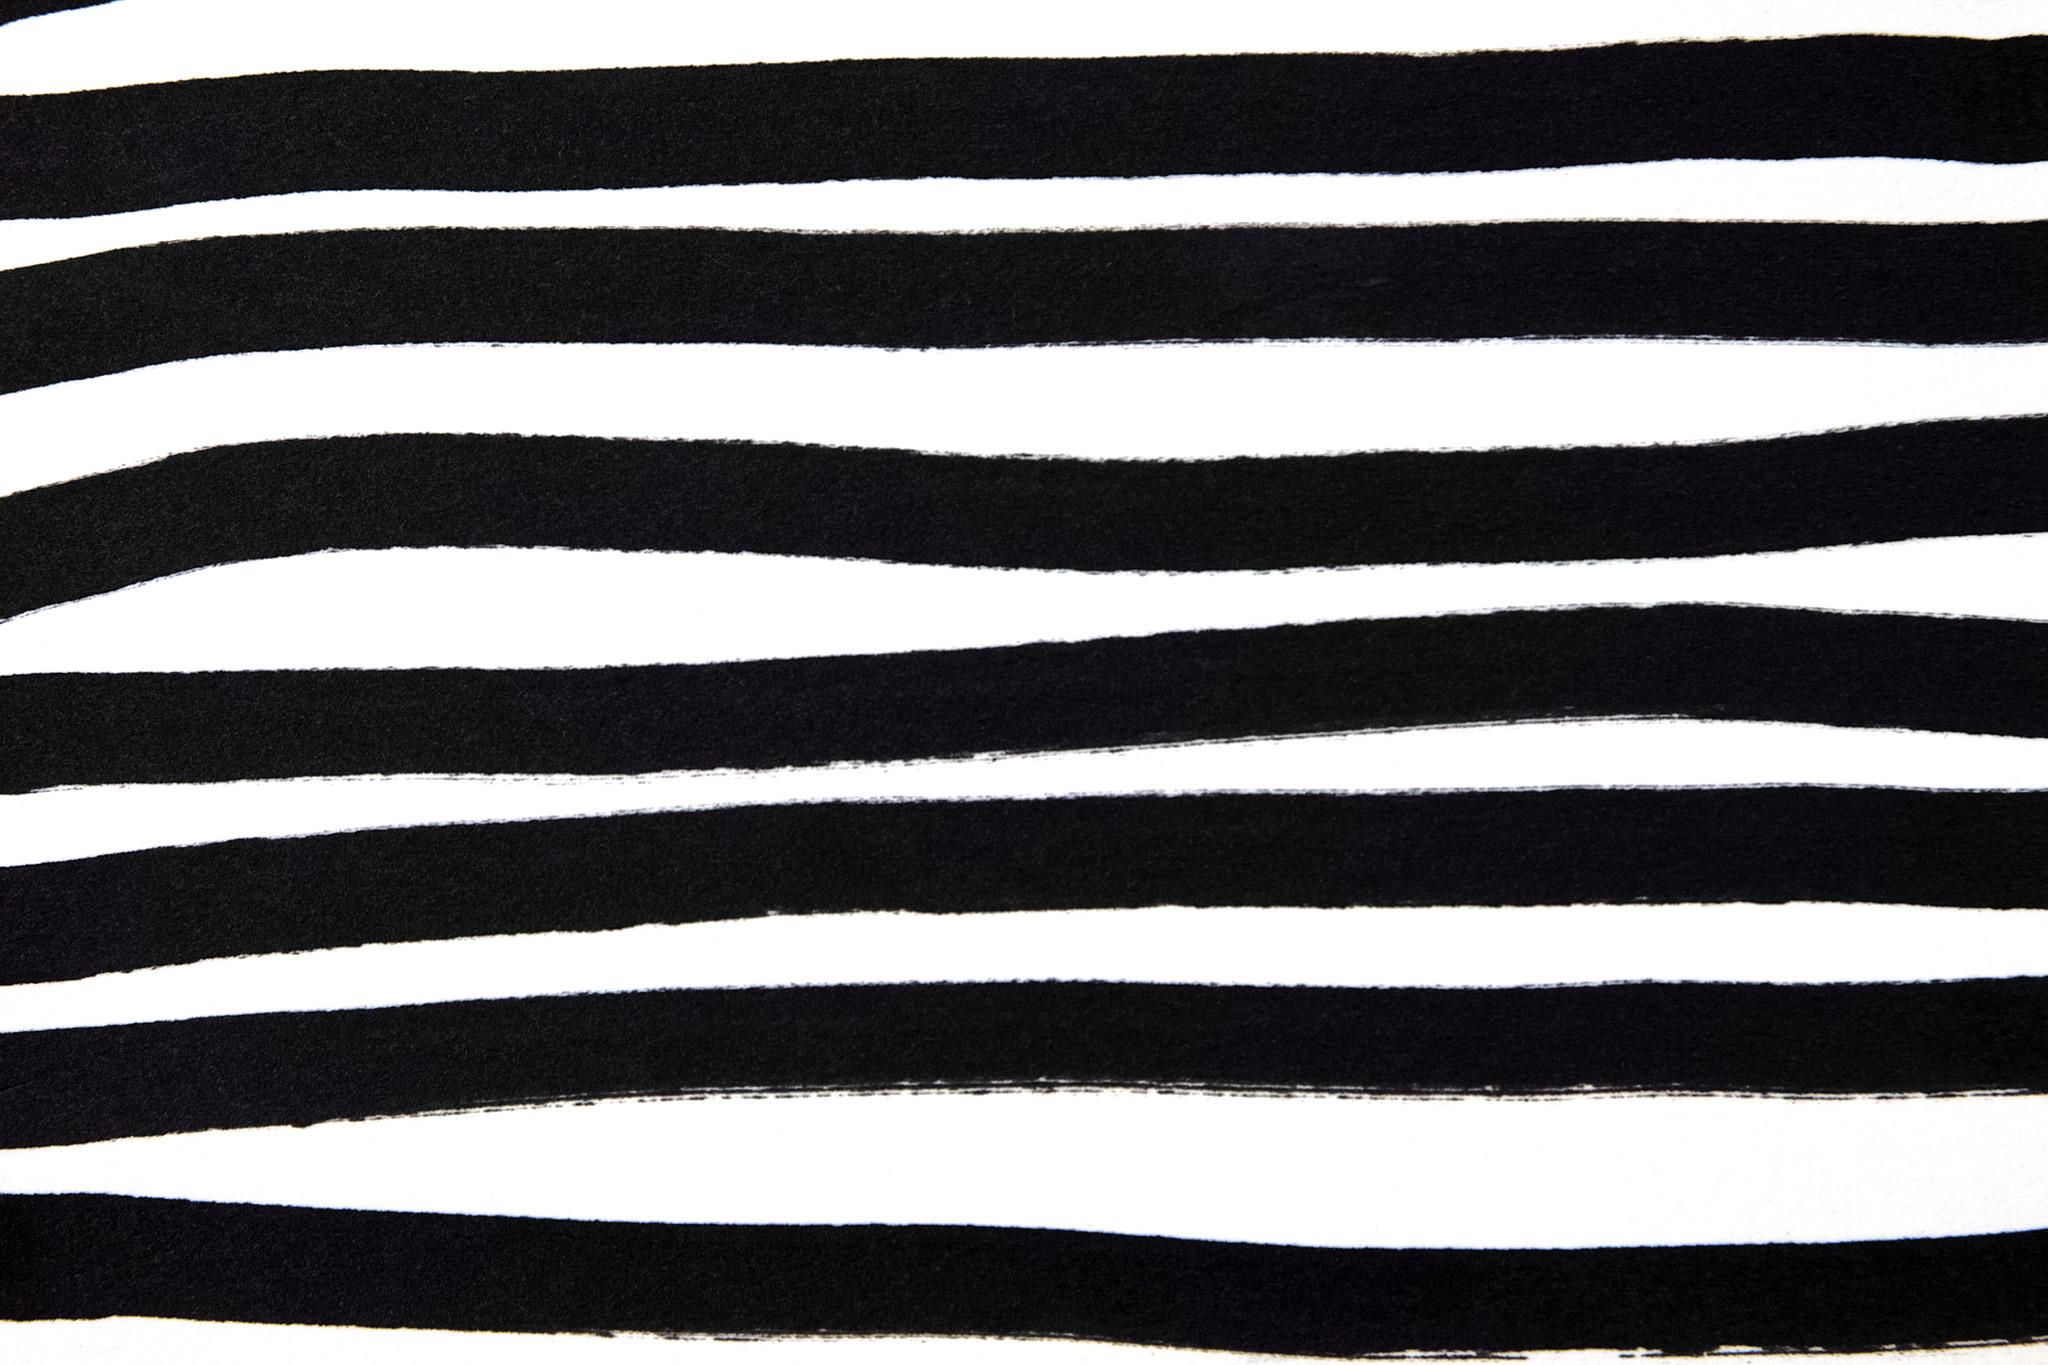 「黒マジックで描いたストライプ」